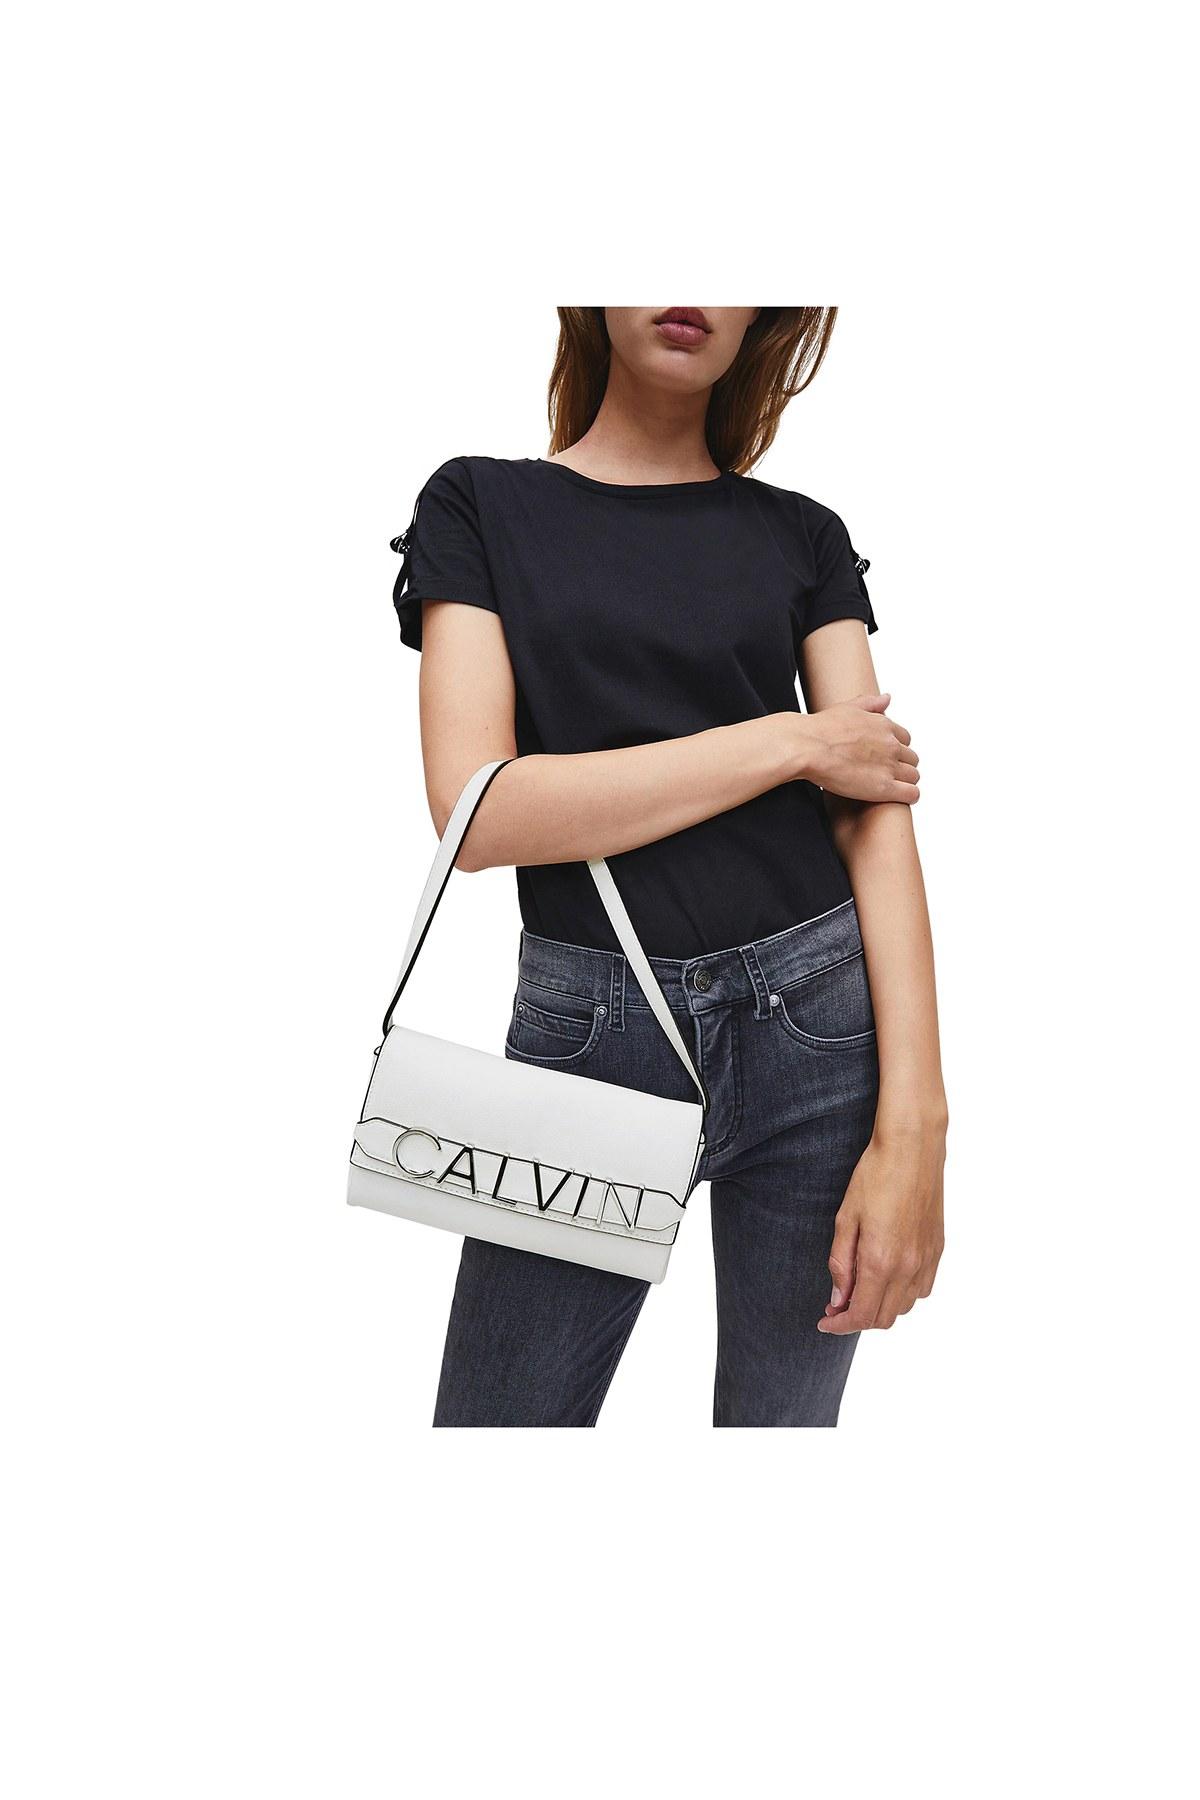 Calvin Klein Logo Baskılı Kadın Çanta K60K607042 0K8 BEYAZ